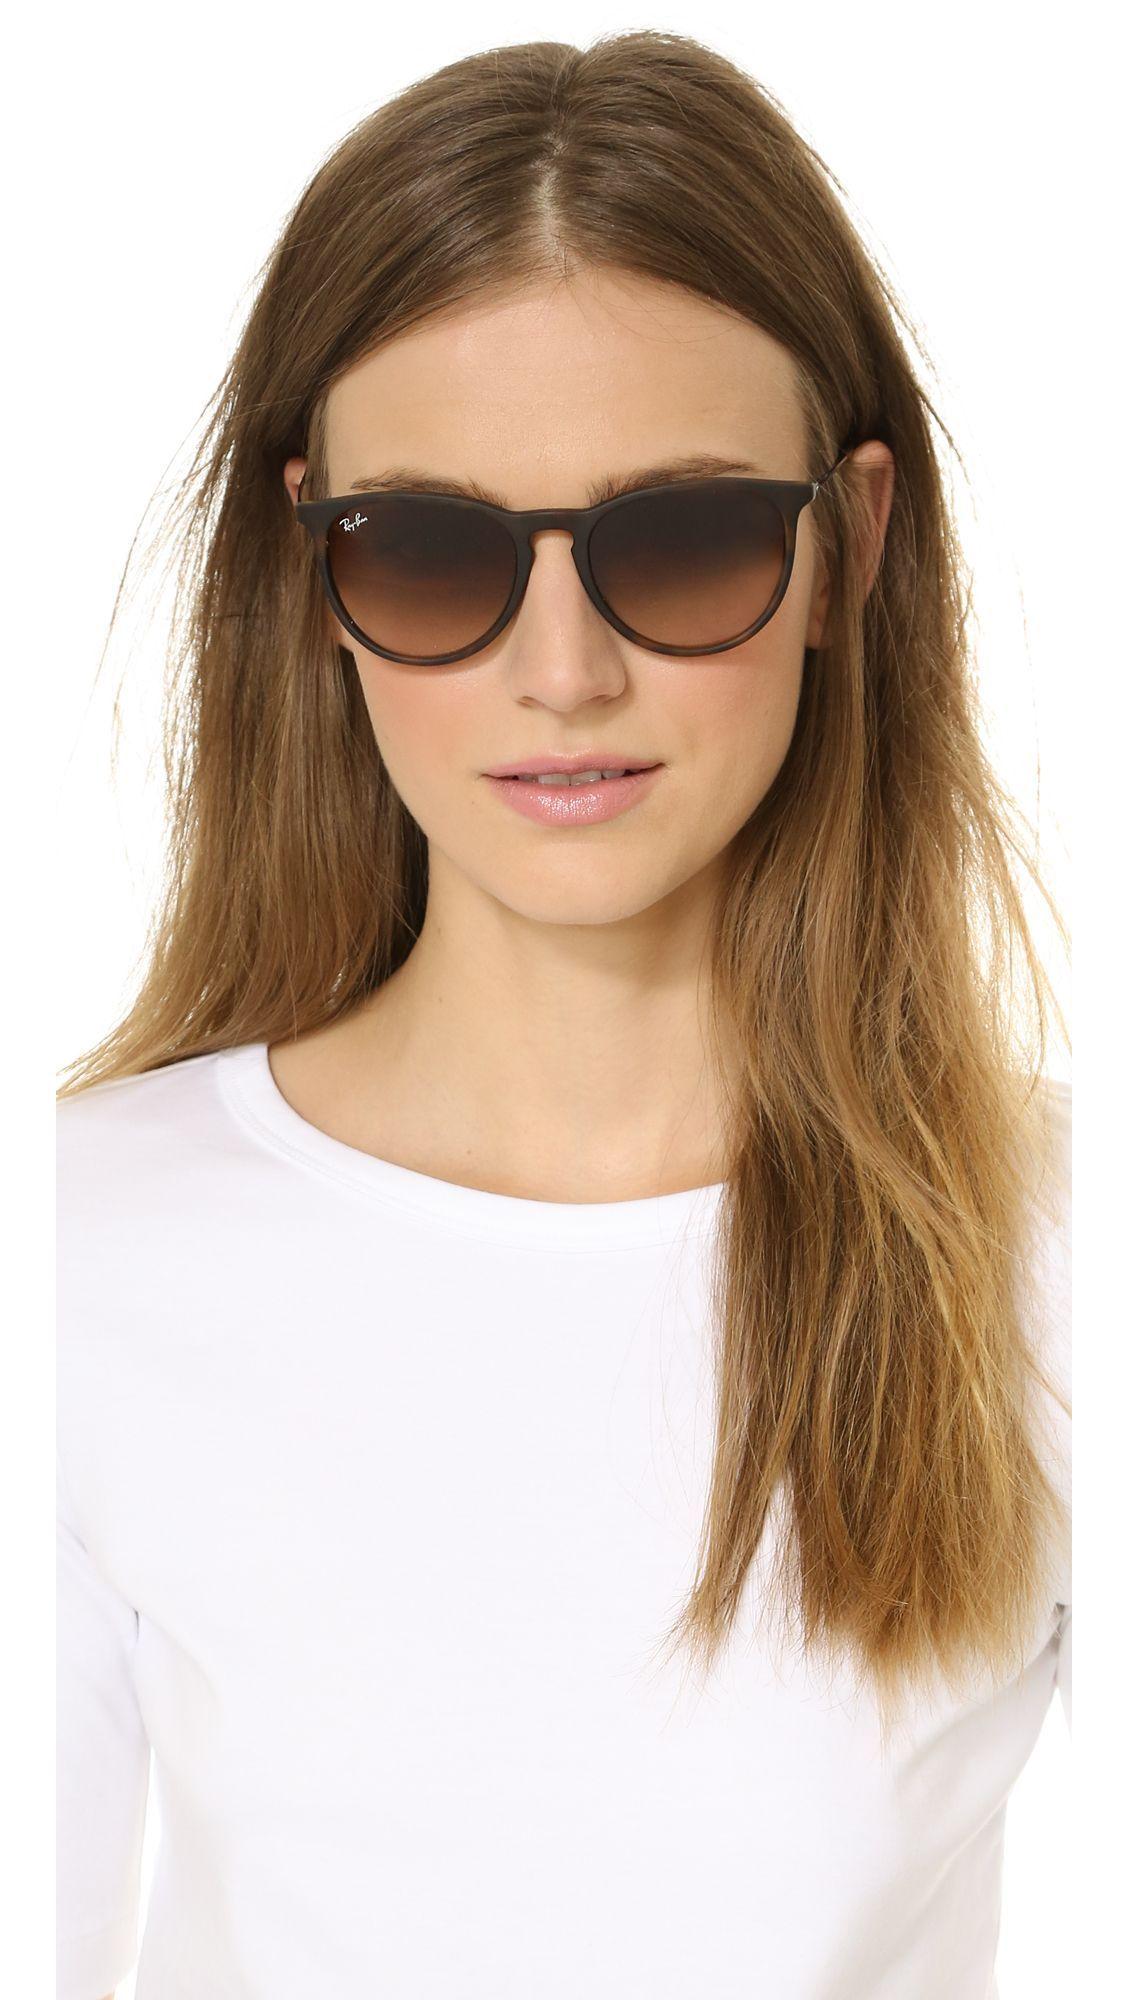 76d30525e1 Ray-Ban Erika Sunglasses 103€ | Discount ray bans | Ray ban erika ...